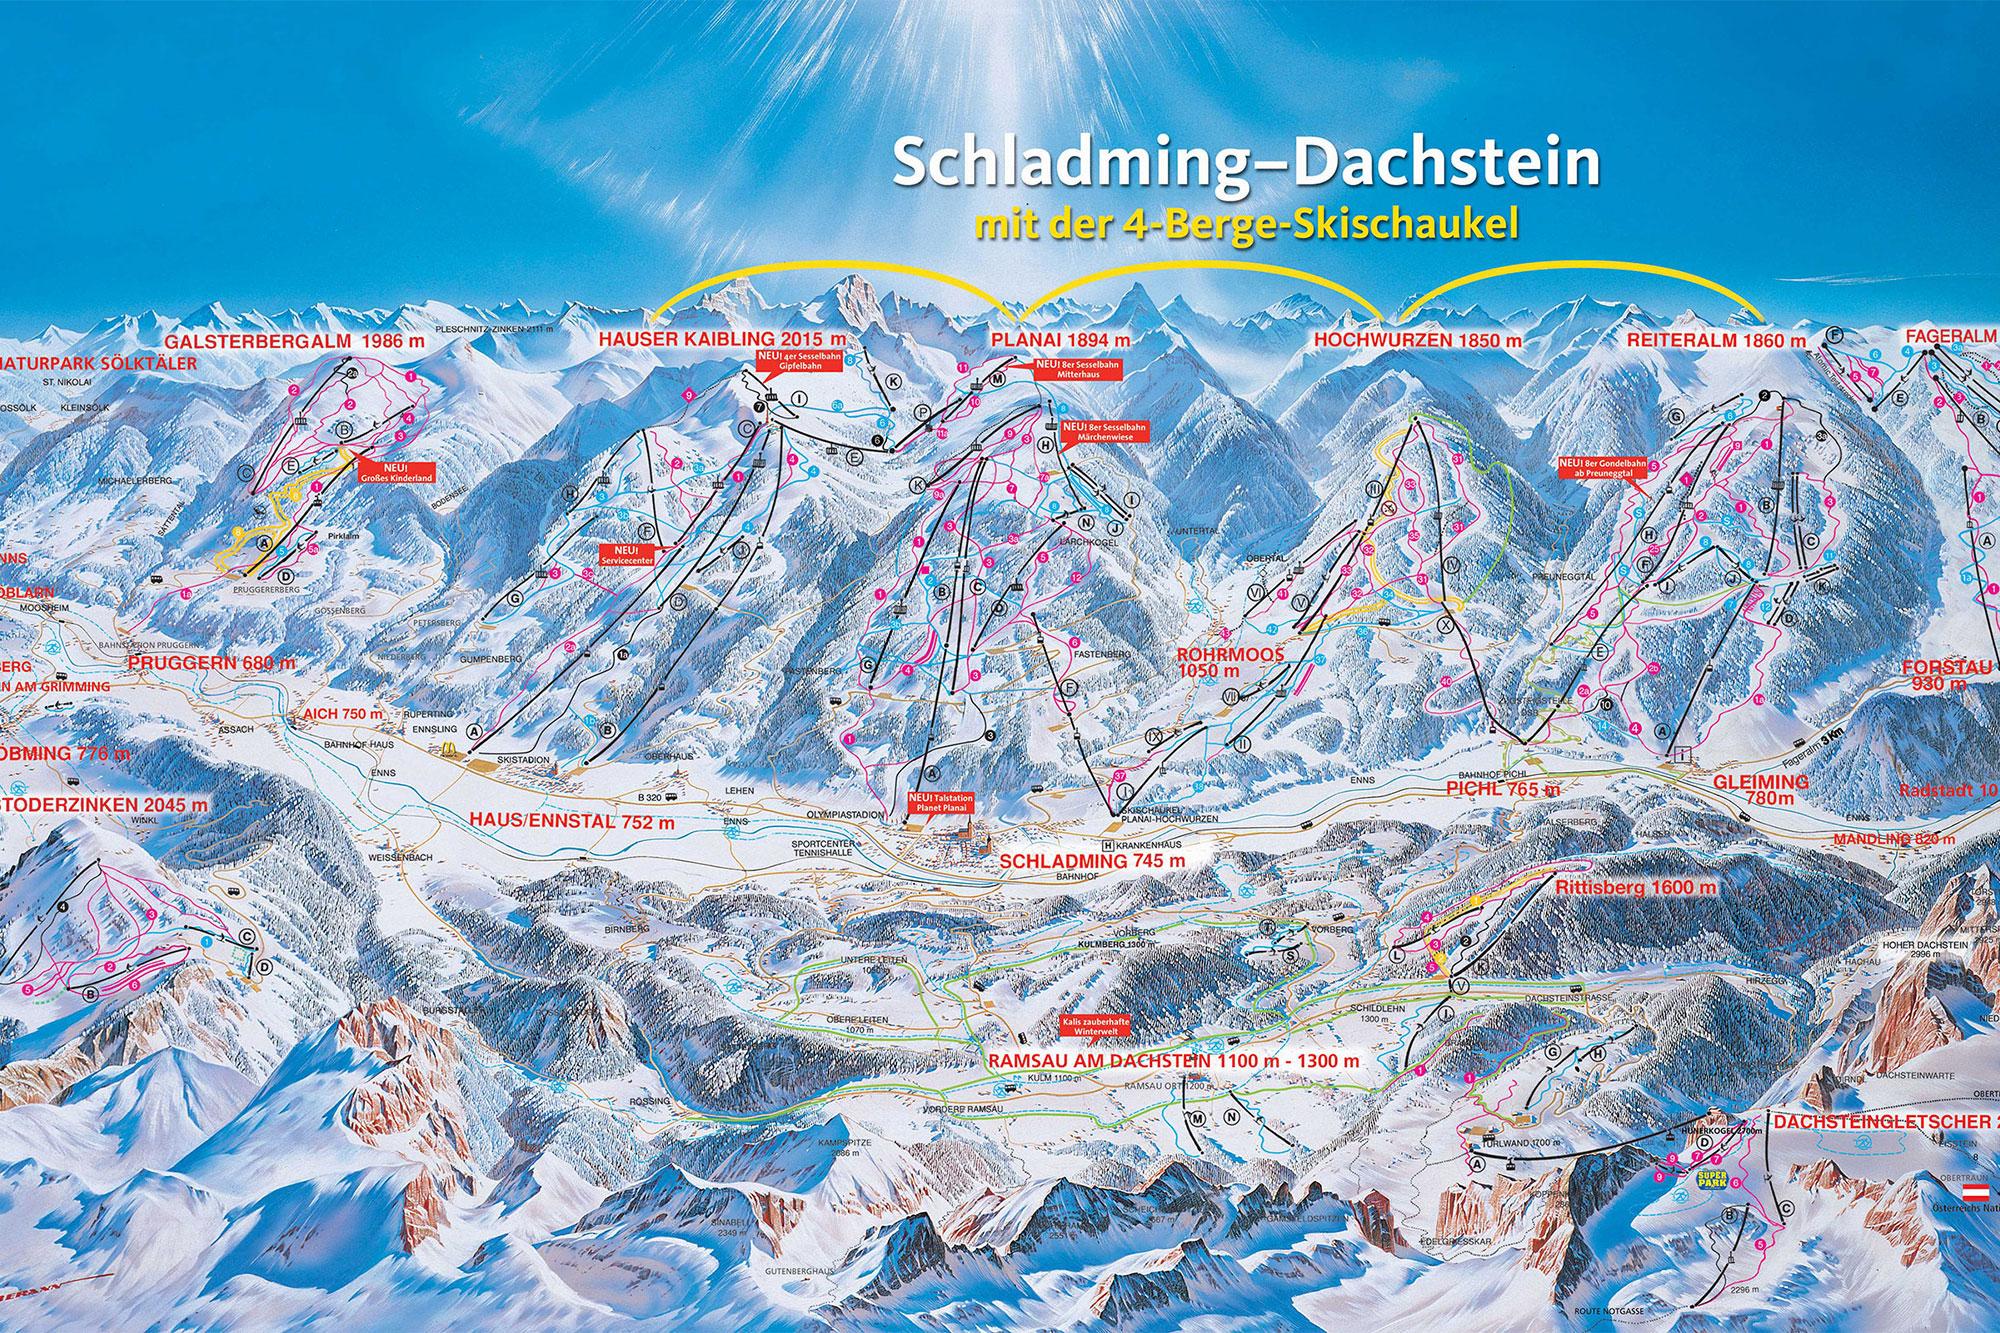 Karte der Skigebiete in Schladming Dachstein